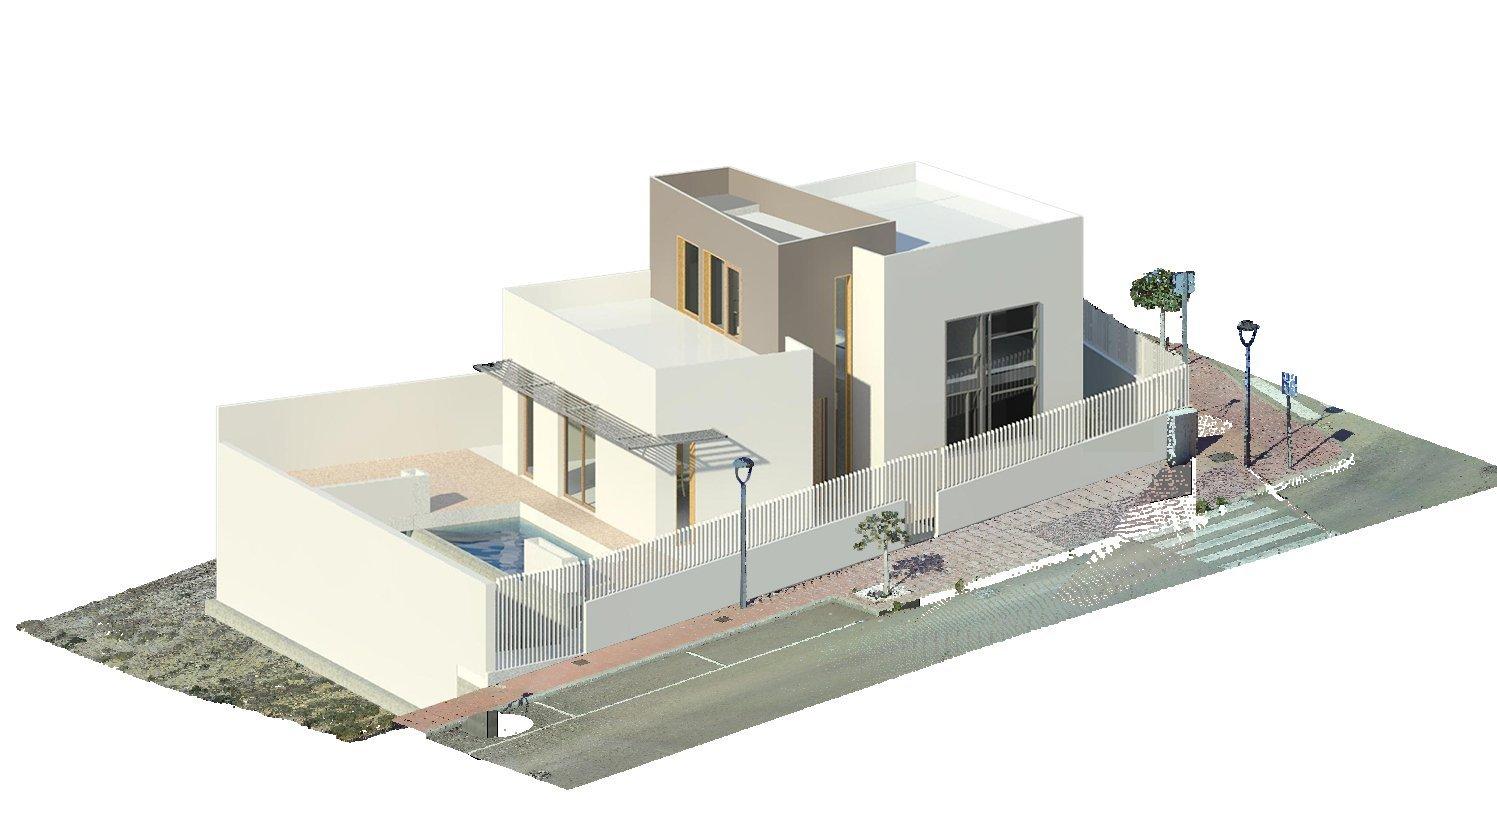 Diseño en vivienda unifamiliar moderna en Almeria. Arquitectura moderna en Almeria. Interiorismo Almeria.